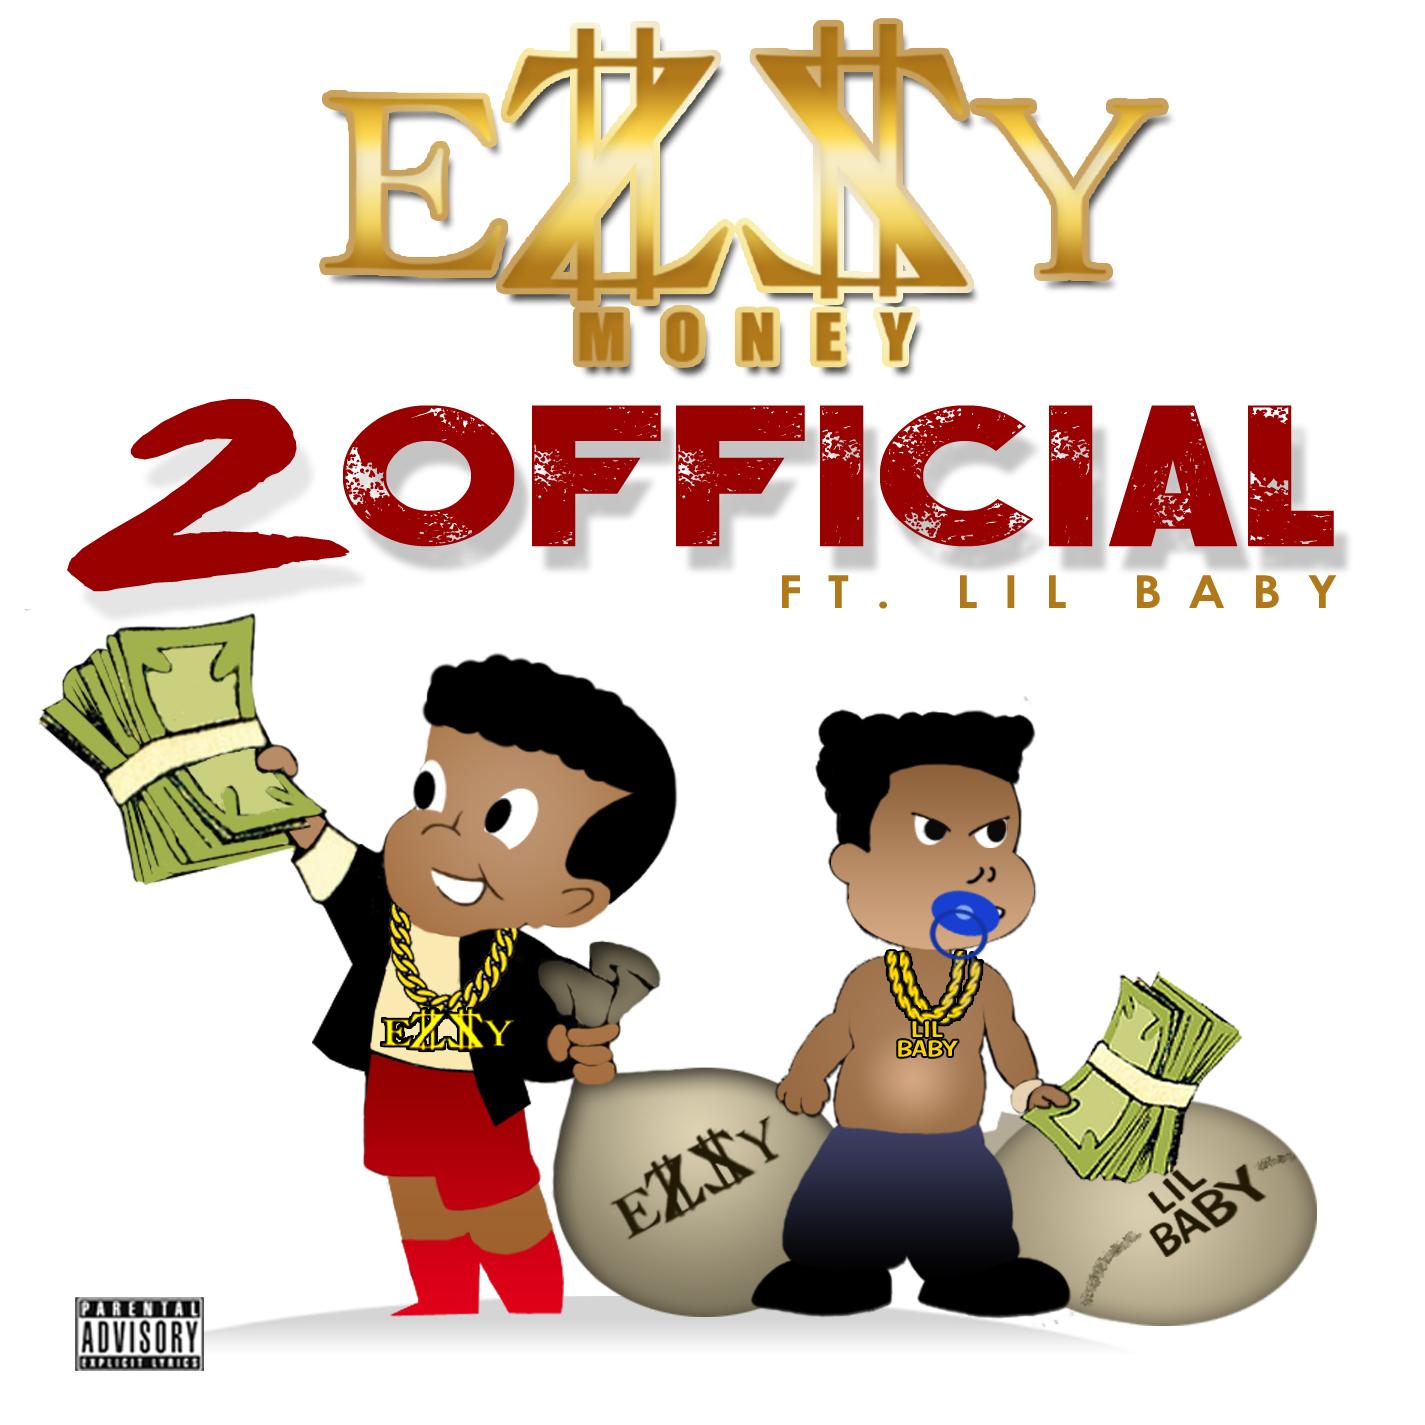 Ezzy Money